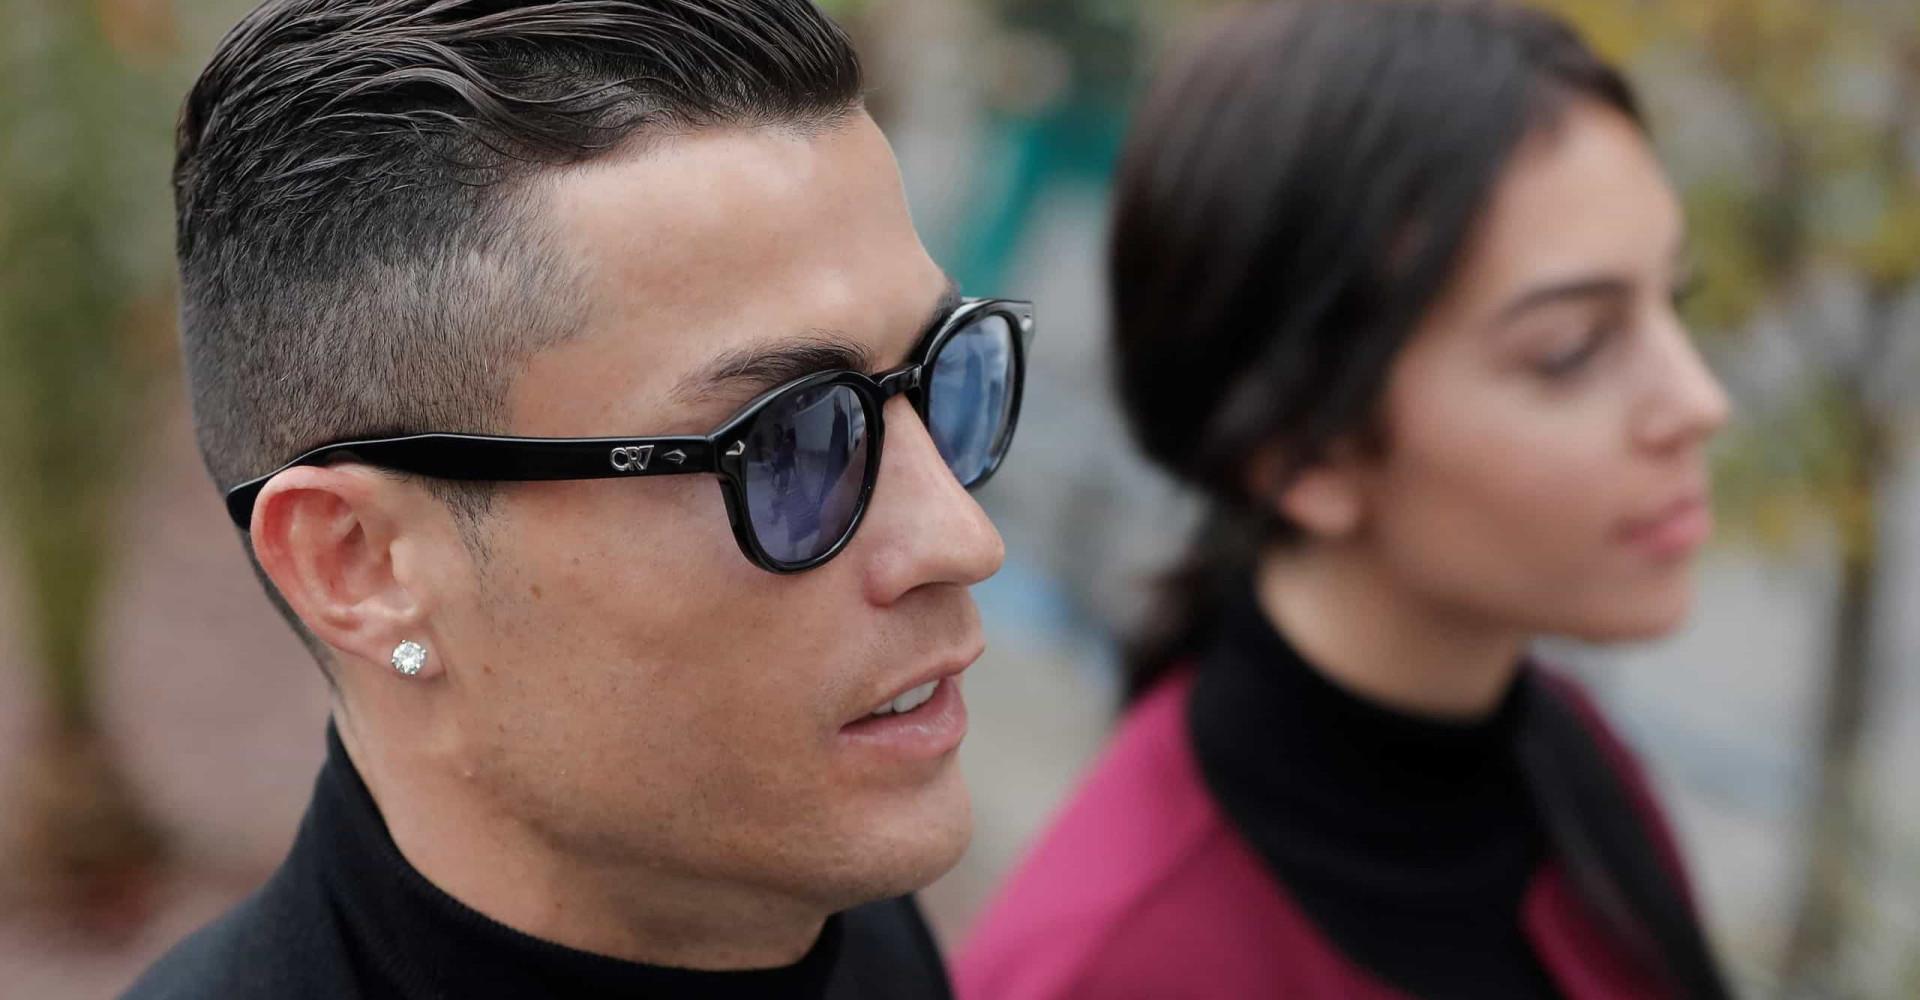 Cristiano Ronaldo: A controversial superstar